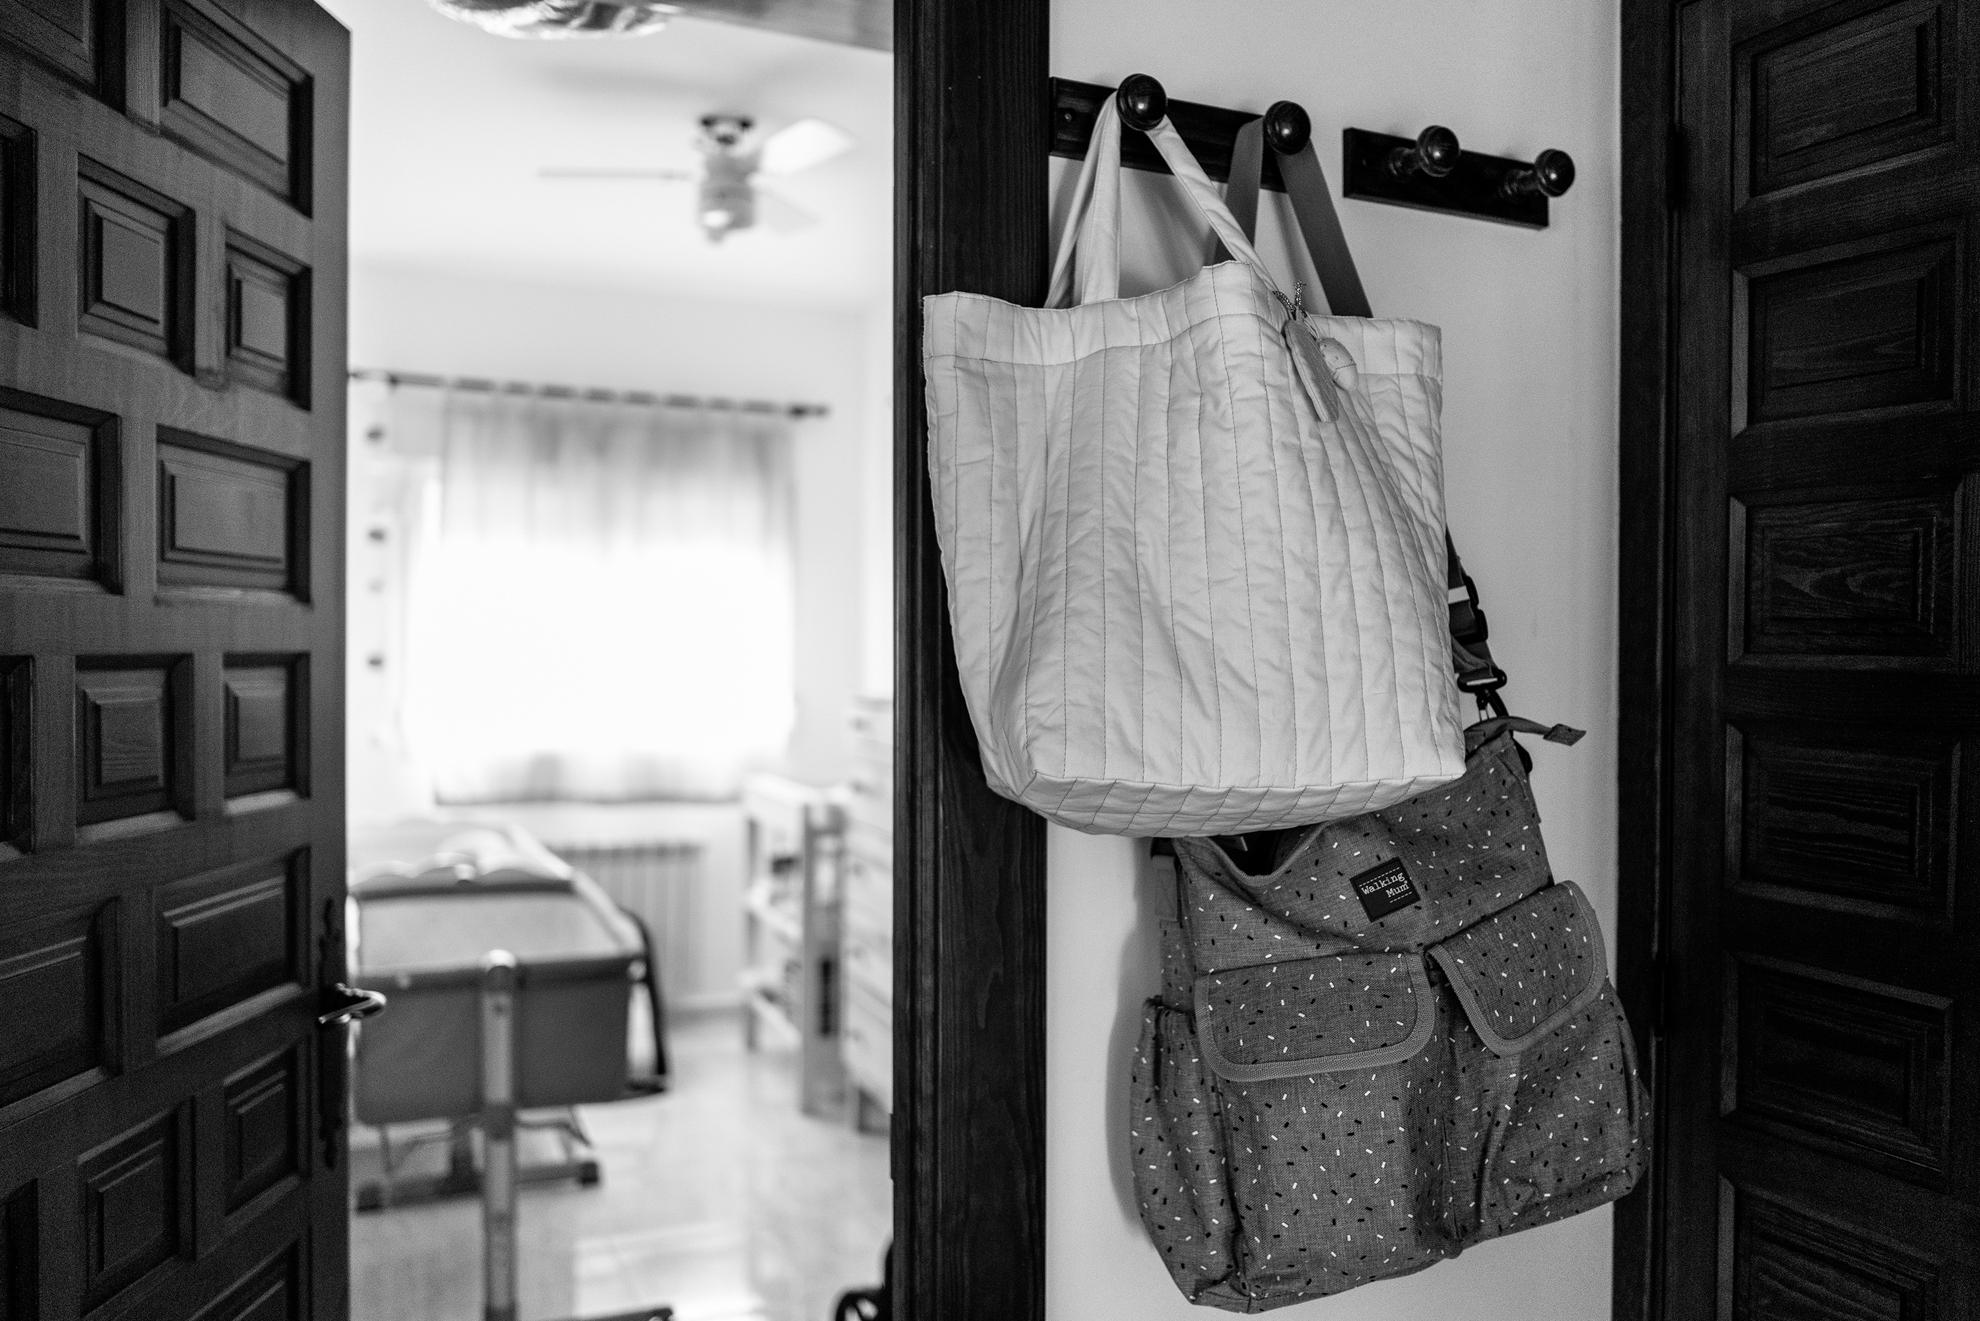 Desde ayer por la noche, en la percha de la entrada de casa cuelgan dos bolsas que son una suerte de equipaje para cuando llegue el momento de ir al hospital. No sabemos cuándo será, pero cada vez estamos más cerca. Ha empezado la cuenta atrás.